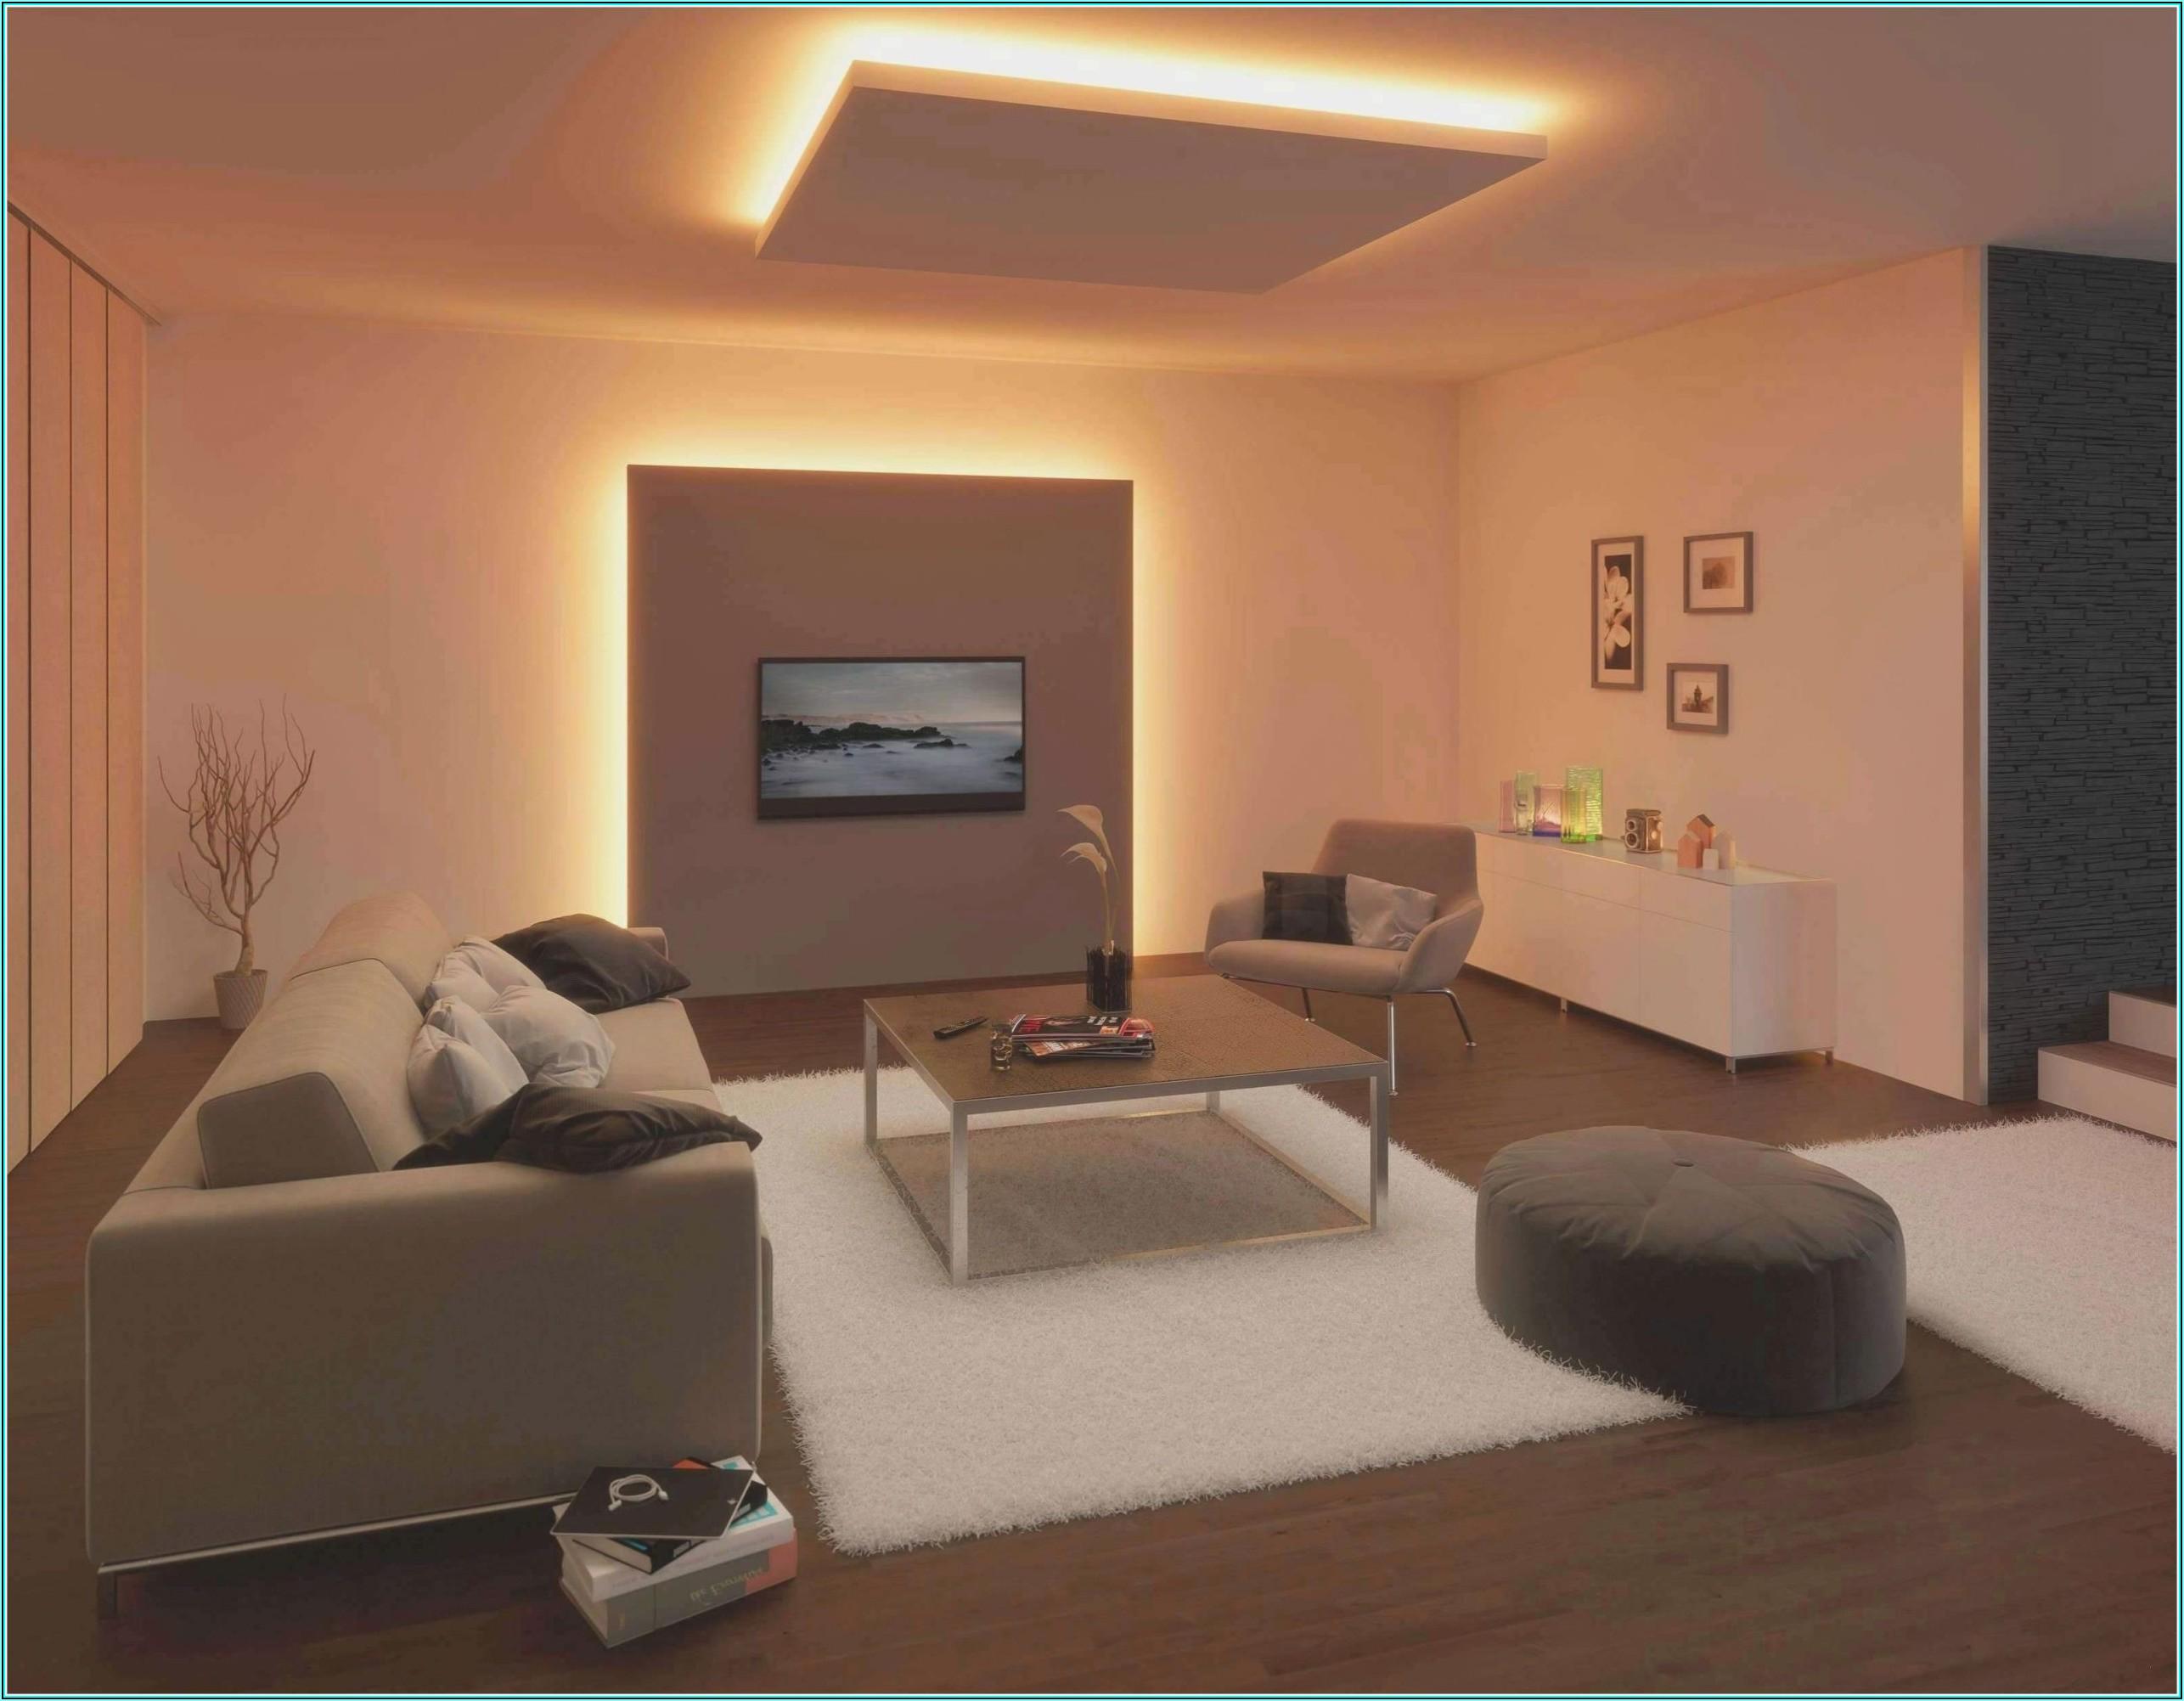 Bilder Landhausstil Wohnzimmer